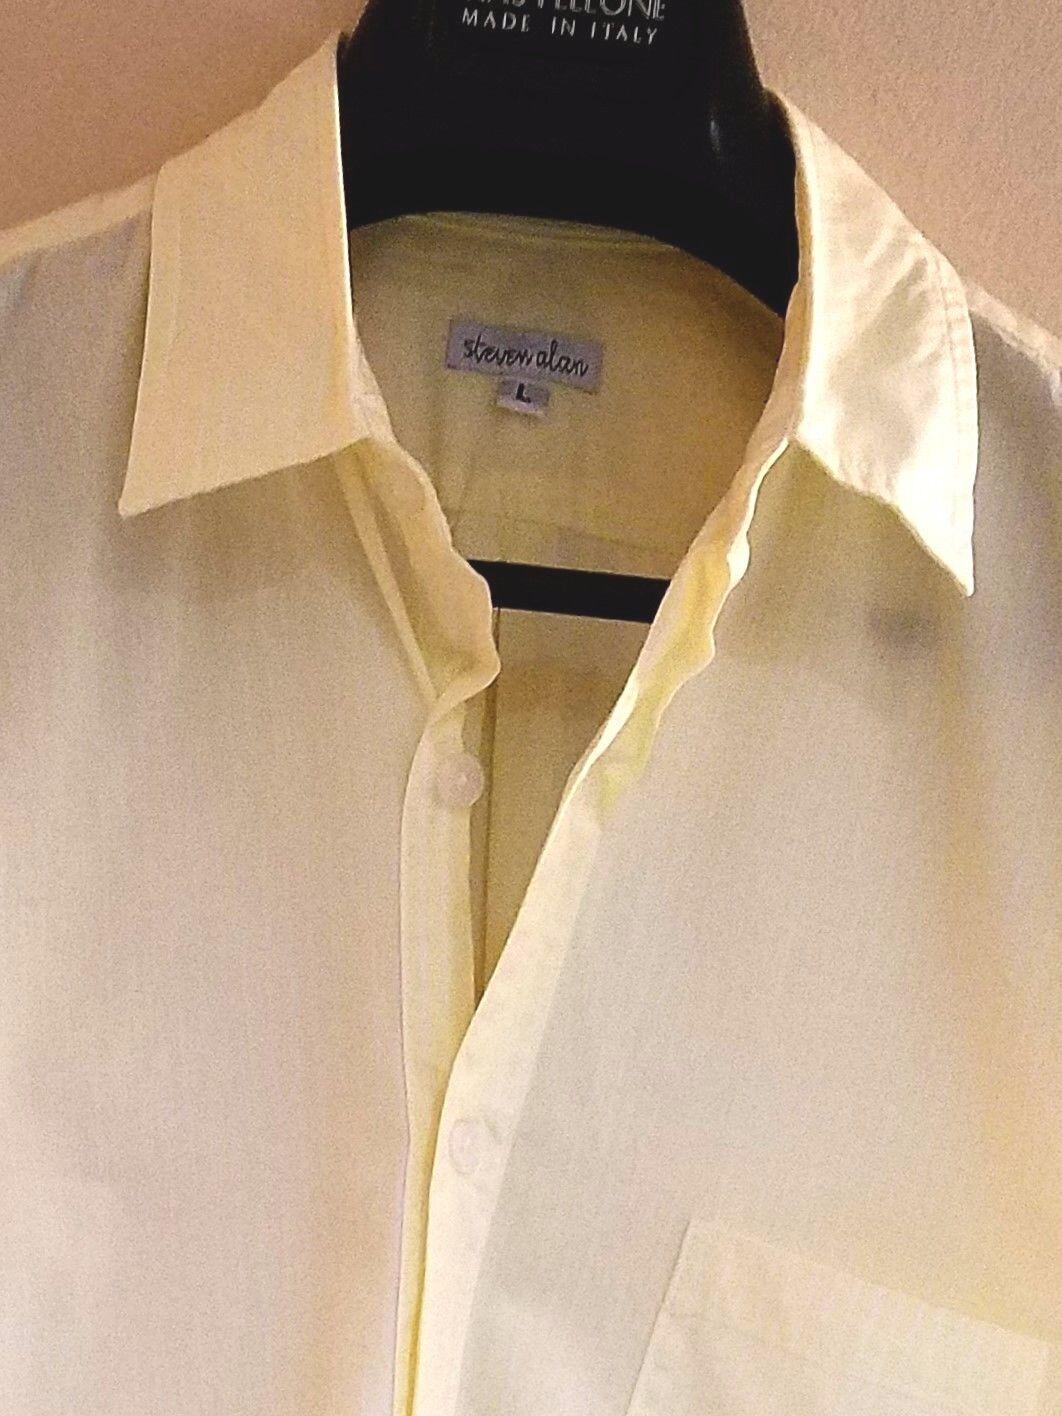 Steven Alan Yellow White Striped 100% Cotton Button-Front Casual Shirt Sz. L